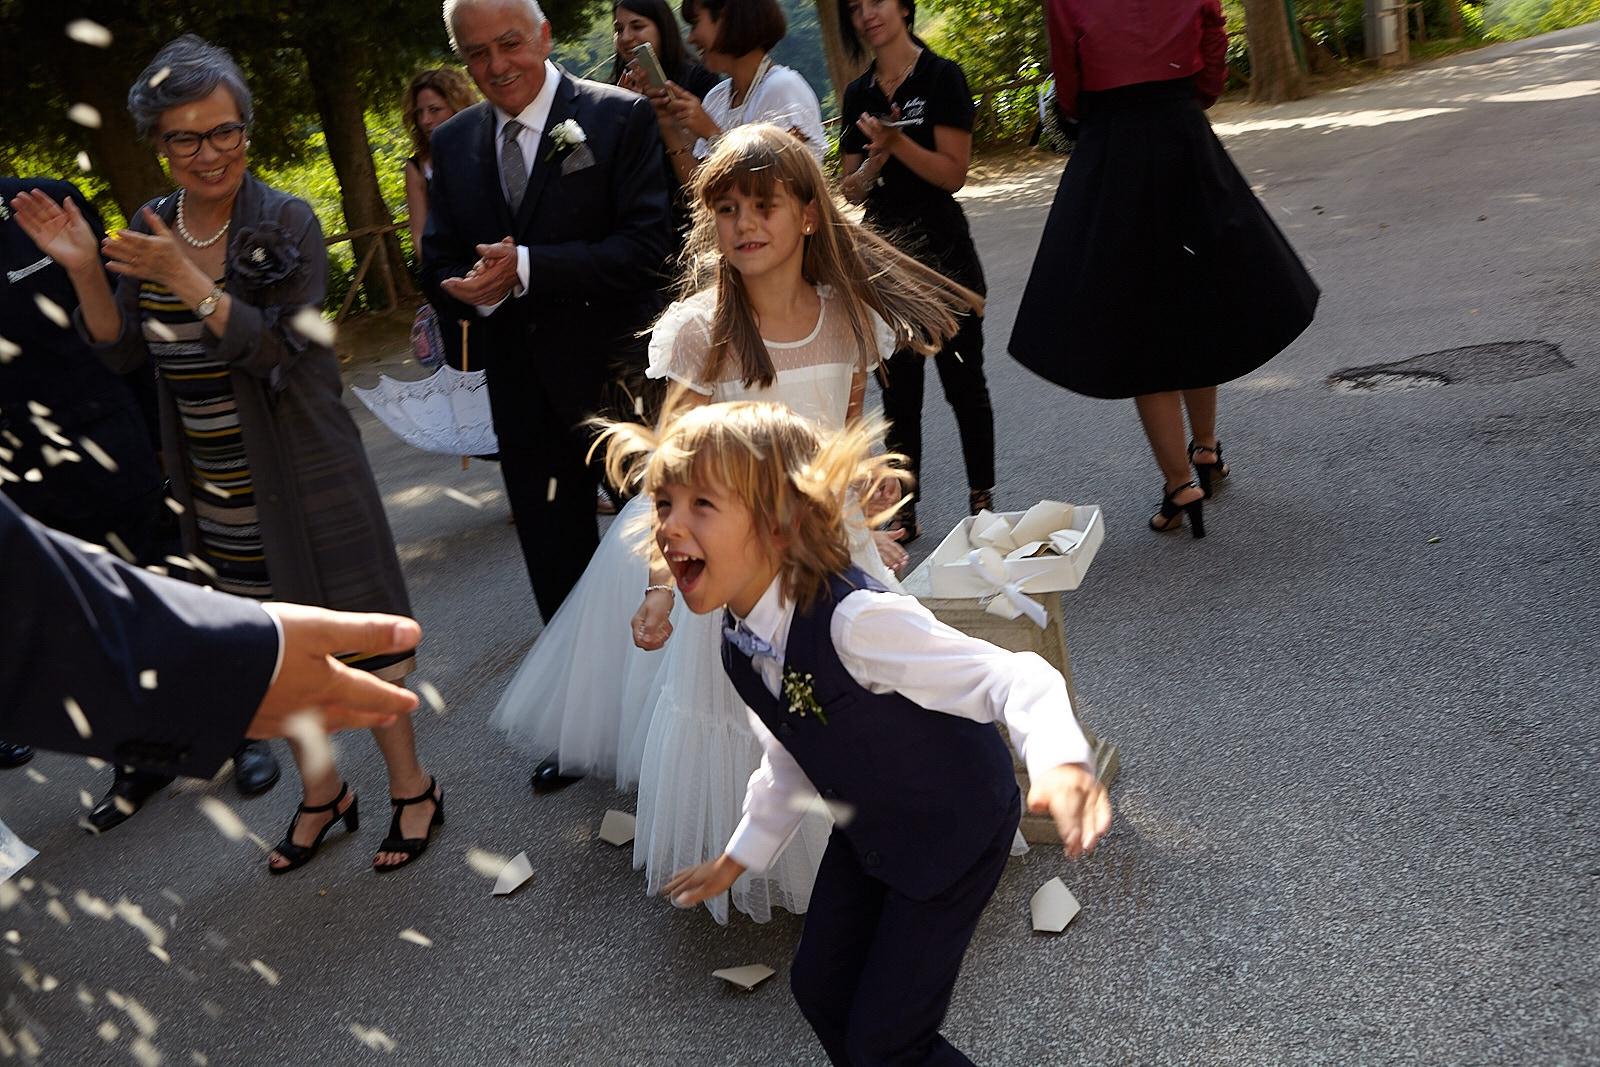 bambino riso chiesa sposi matrimonio stile